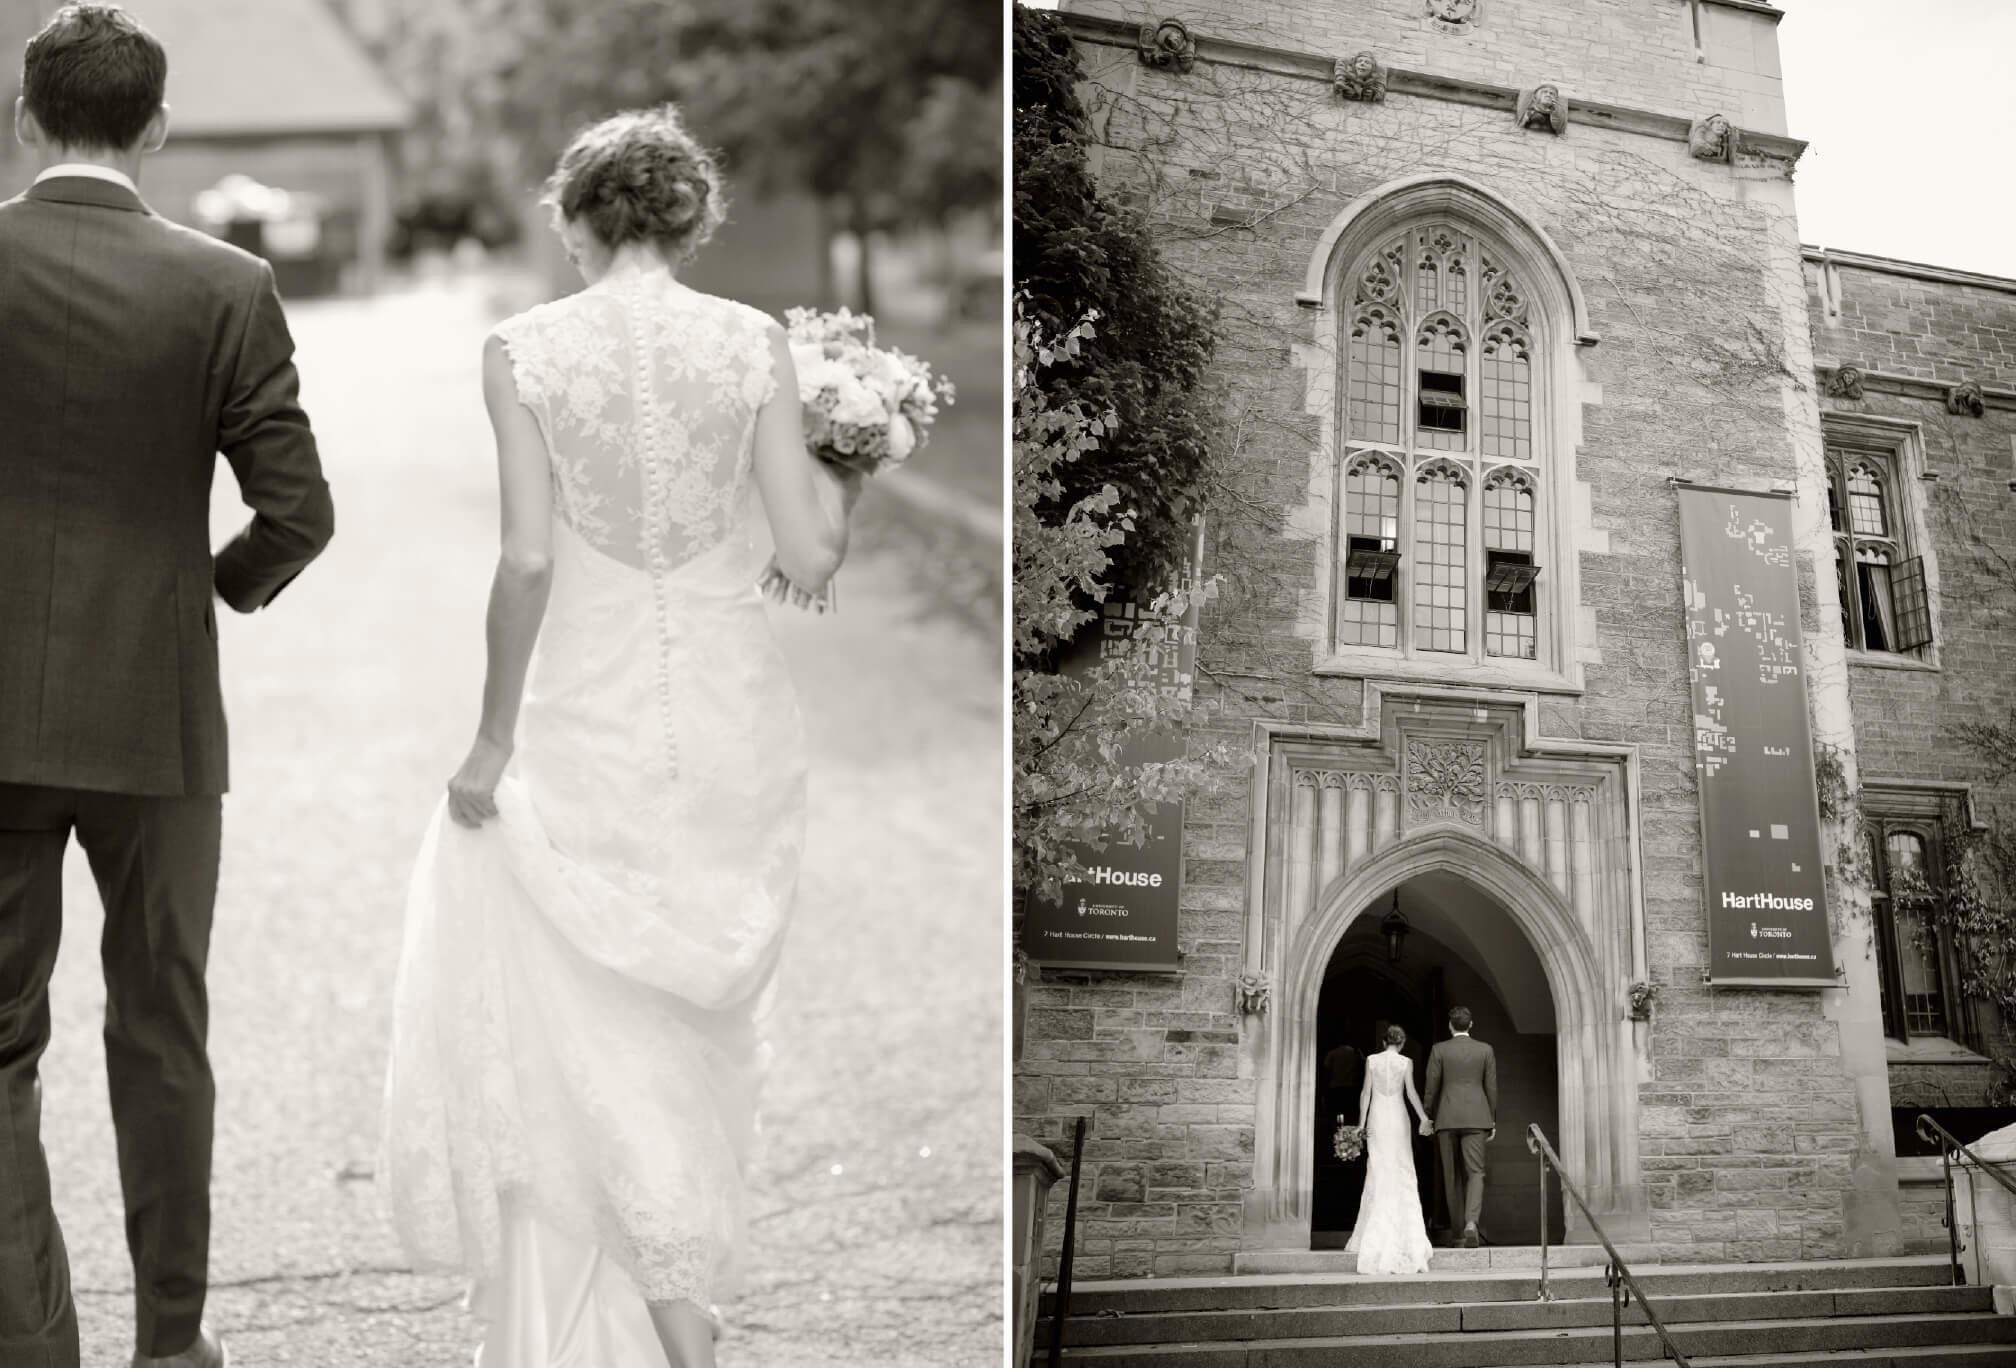 u of t wedding photography